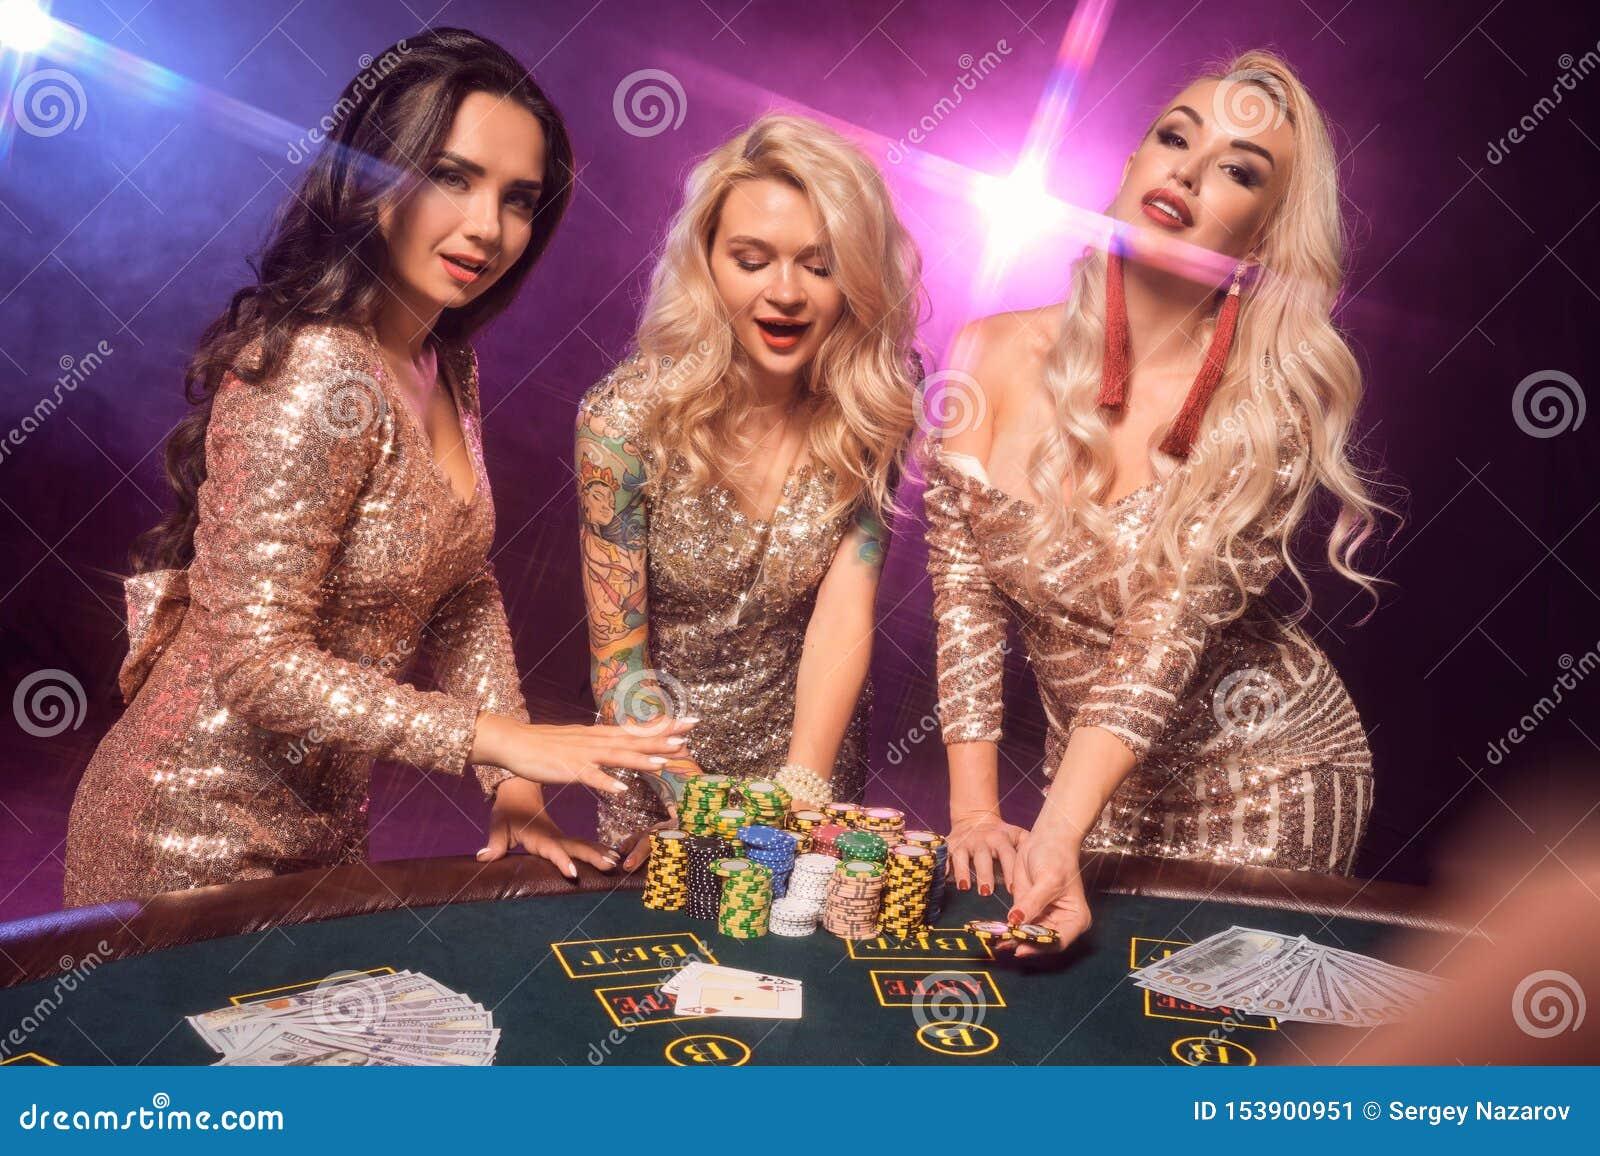 Les belles filles avec des coiffures parfaites et maquillage lumineux posent la position à une table de jeu Casino, tisonnier